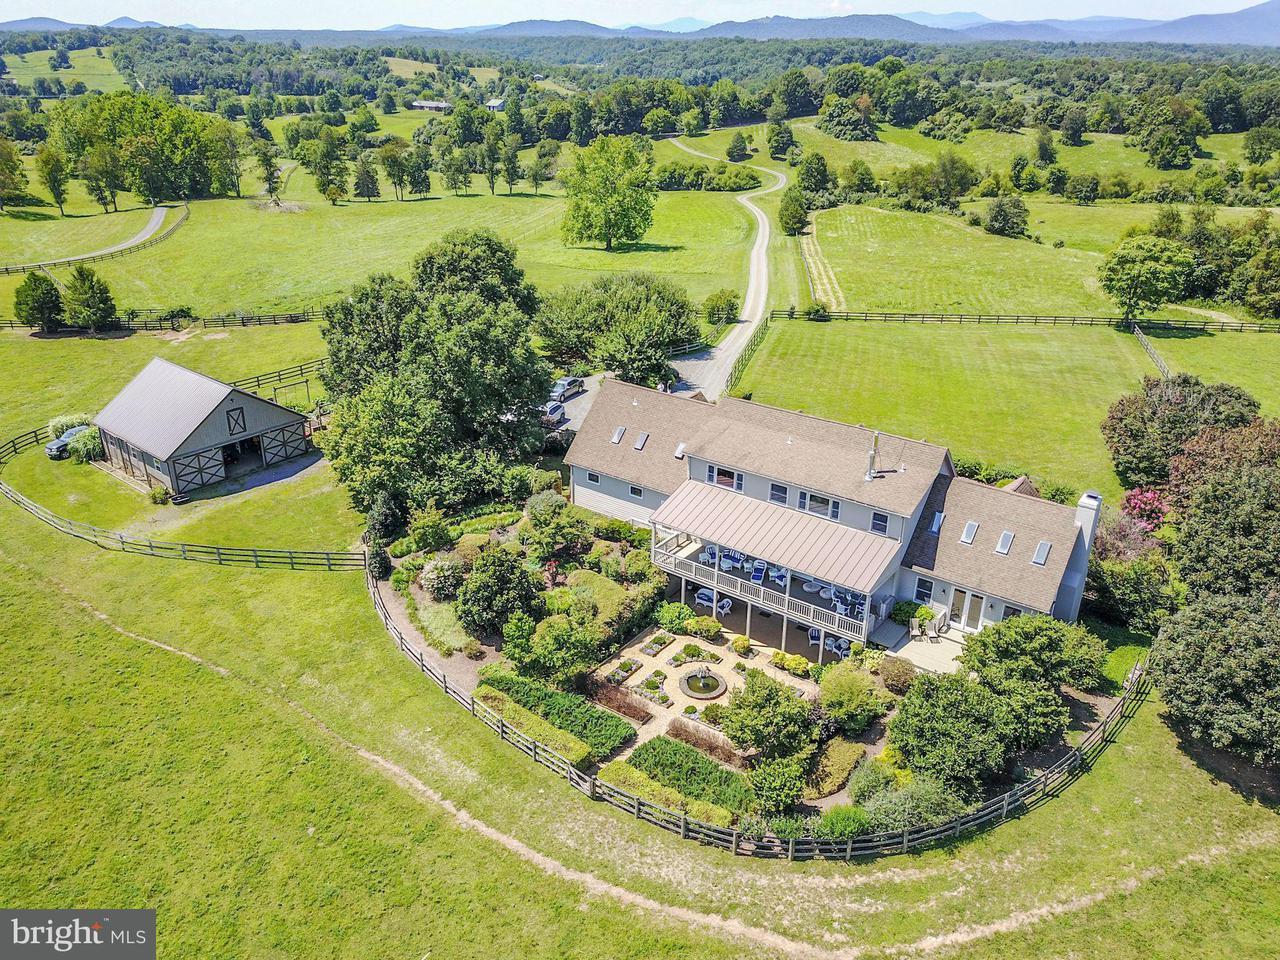 农场 为 销售 在 5881 KEYSER Road 5881 KEYSER Road Hume, 弗吉尼亚州 22639 美国